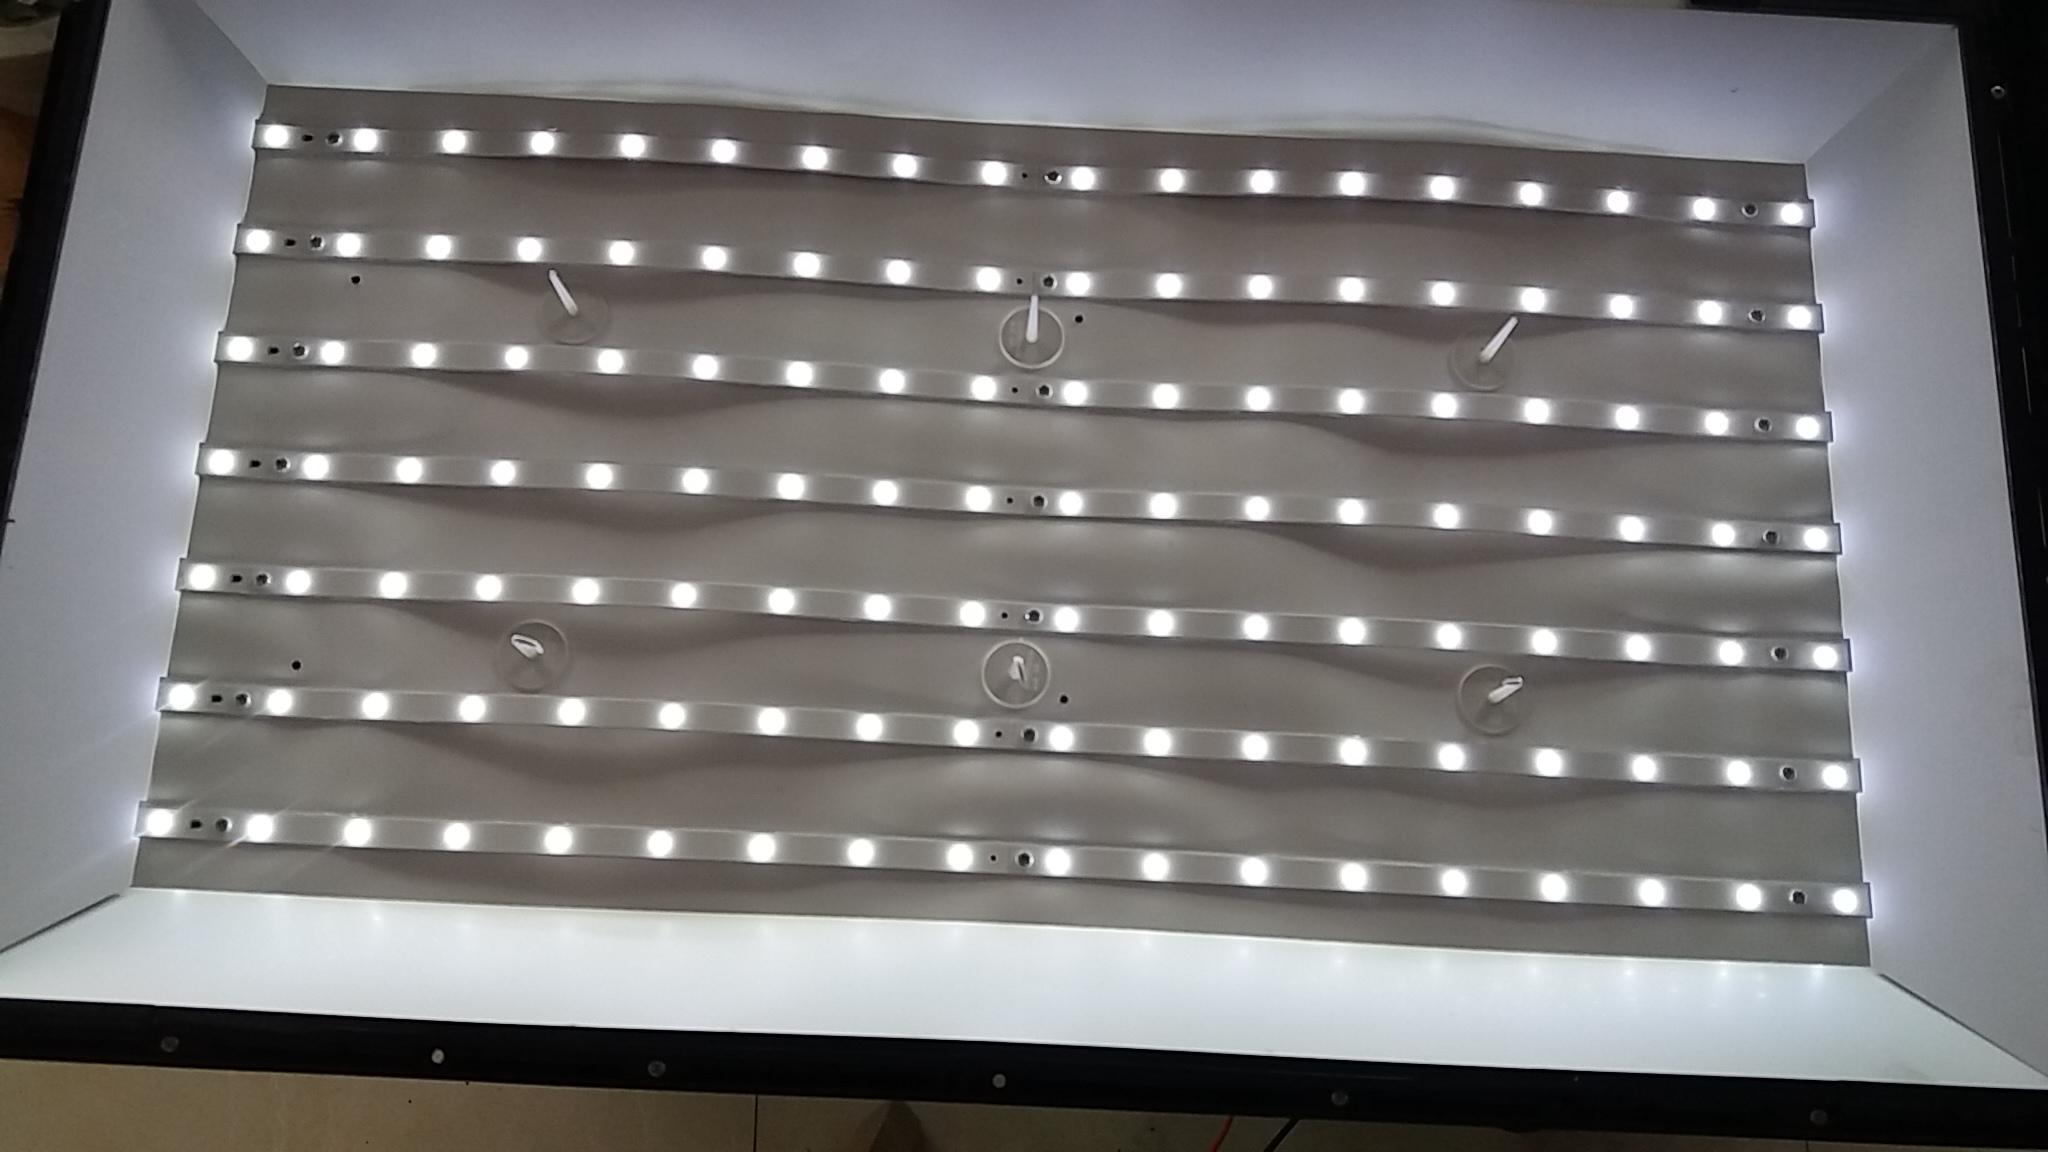 全新TCL乐华LED32C350灯条 L32J3210 L32W3212灯条 4C-LB320T-DS1